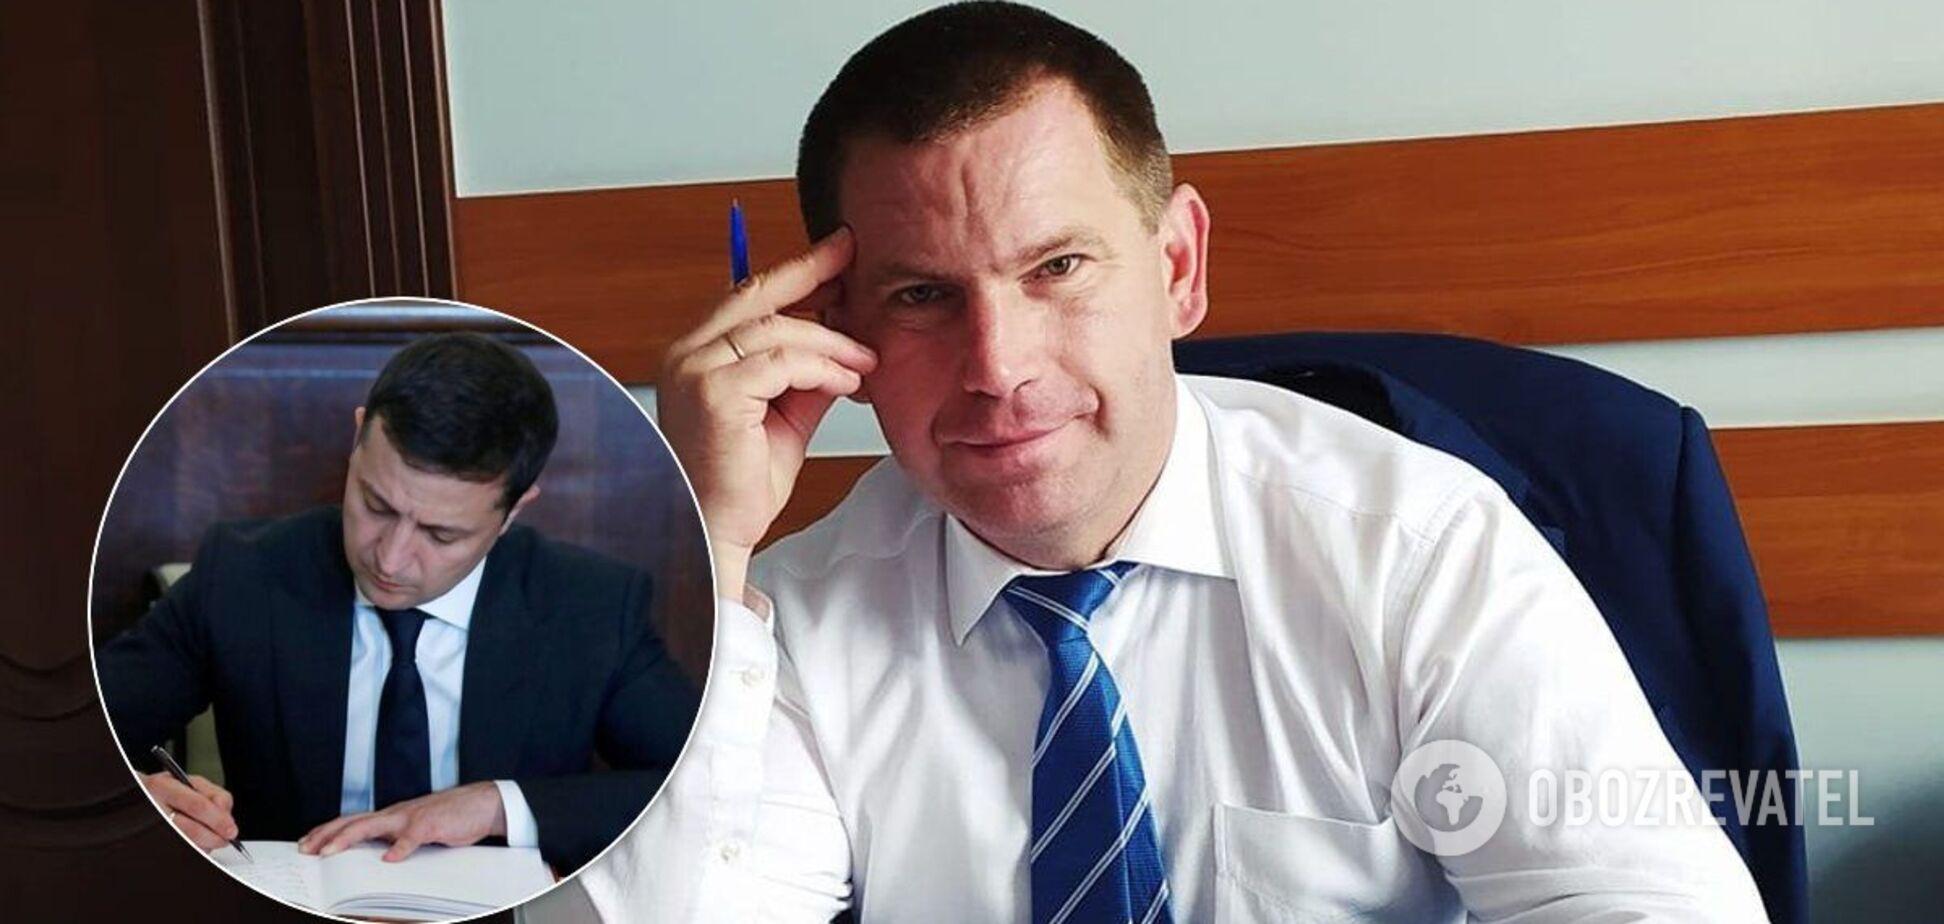 Зеленский уволил председателя Черниговской РГА, который погорел на взятке